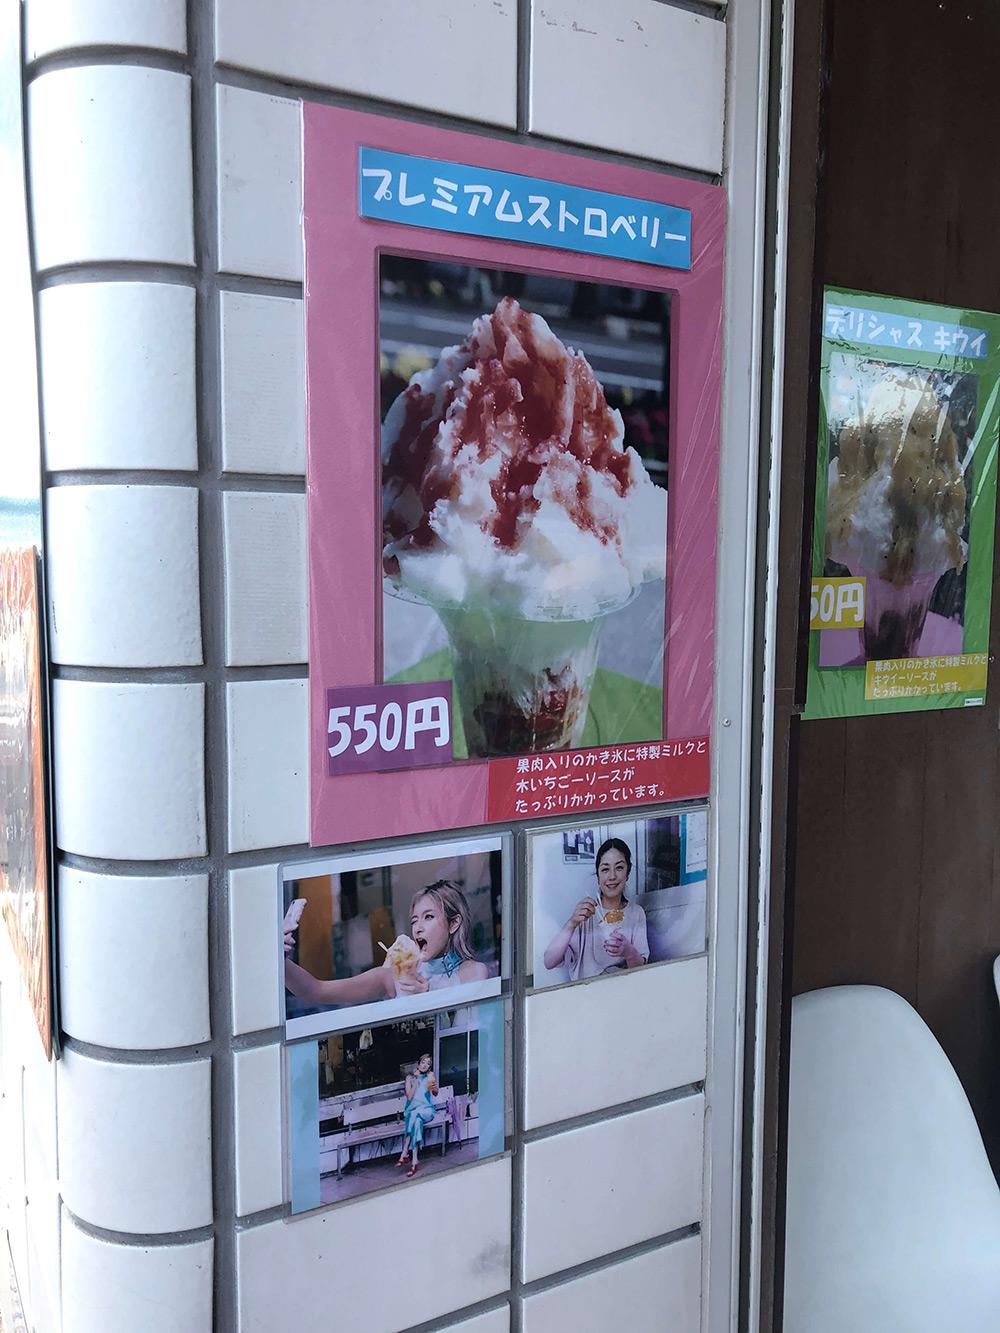 鹿児島・柳川氷室のタレントさん来店記録